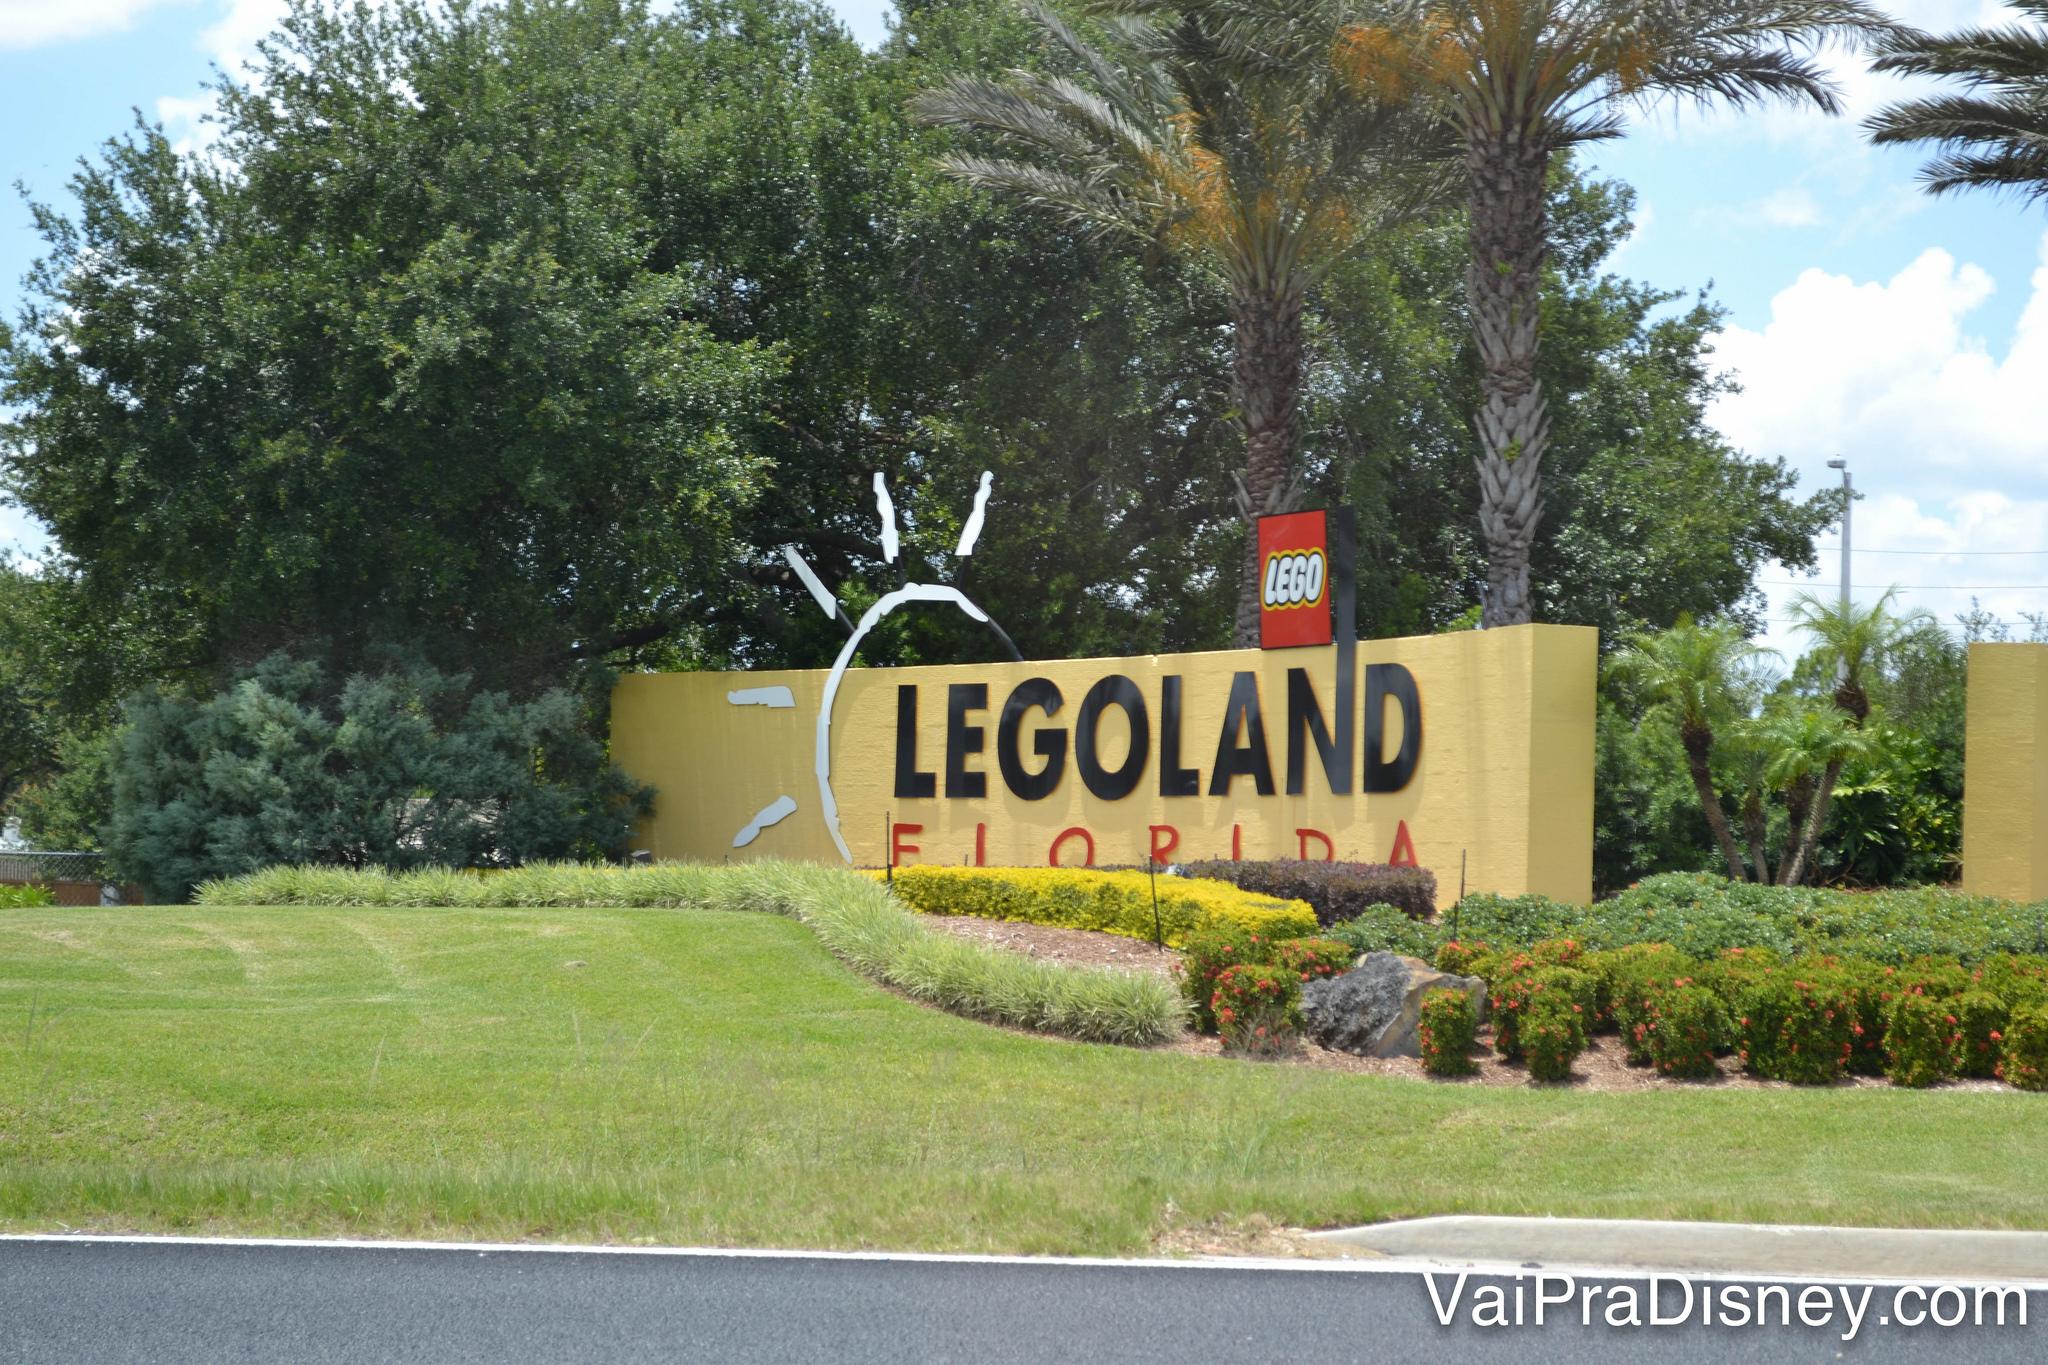 Chegando na Legoland!